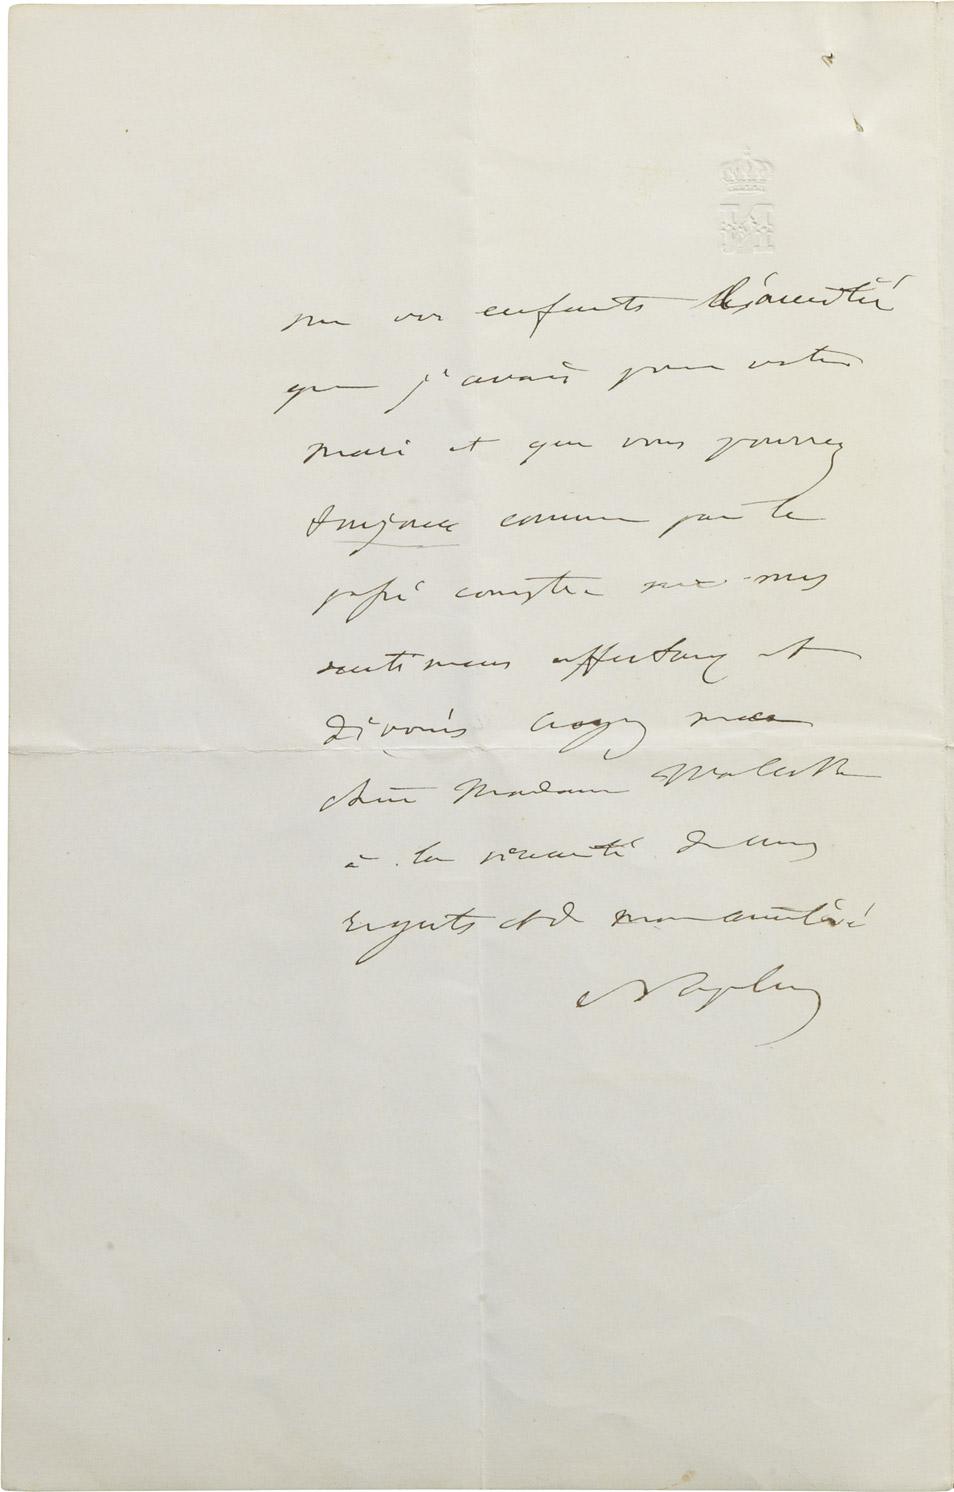 Lettre de Napoléon III à la comtesse Walewska née Ricci - Patrimoine Charles-André COLONNA WALEWSKI, en ligne directe de Napoléon